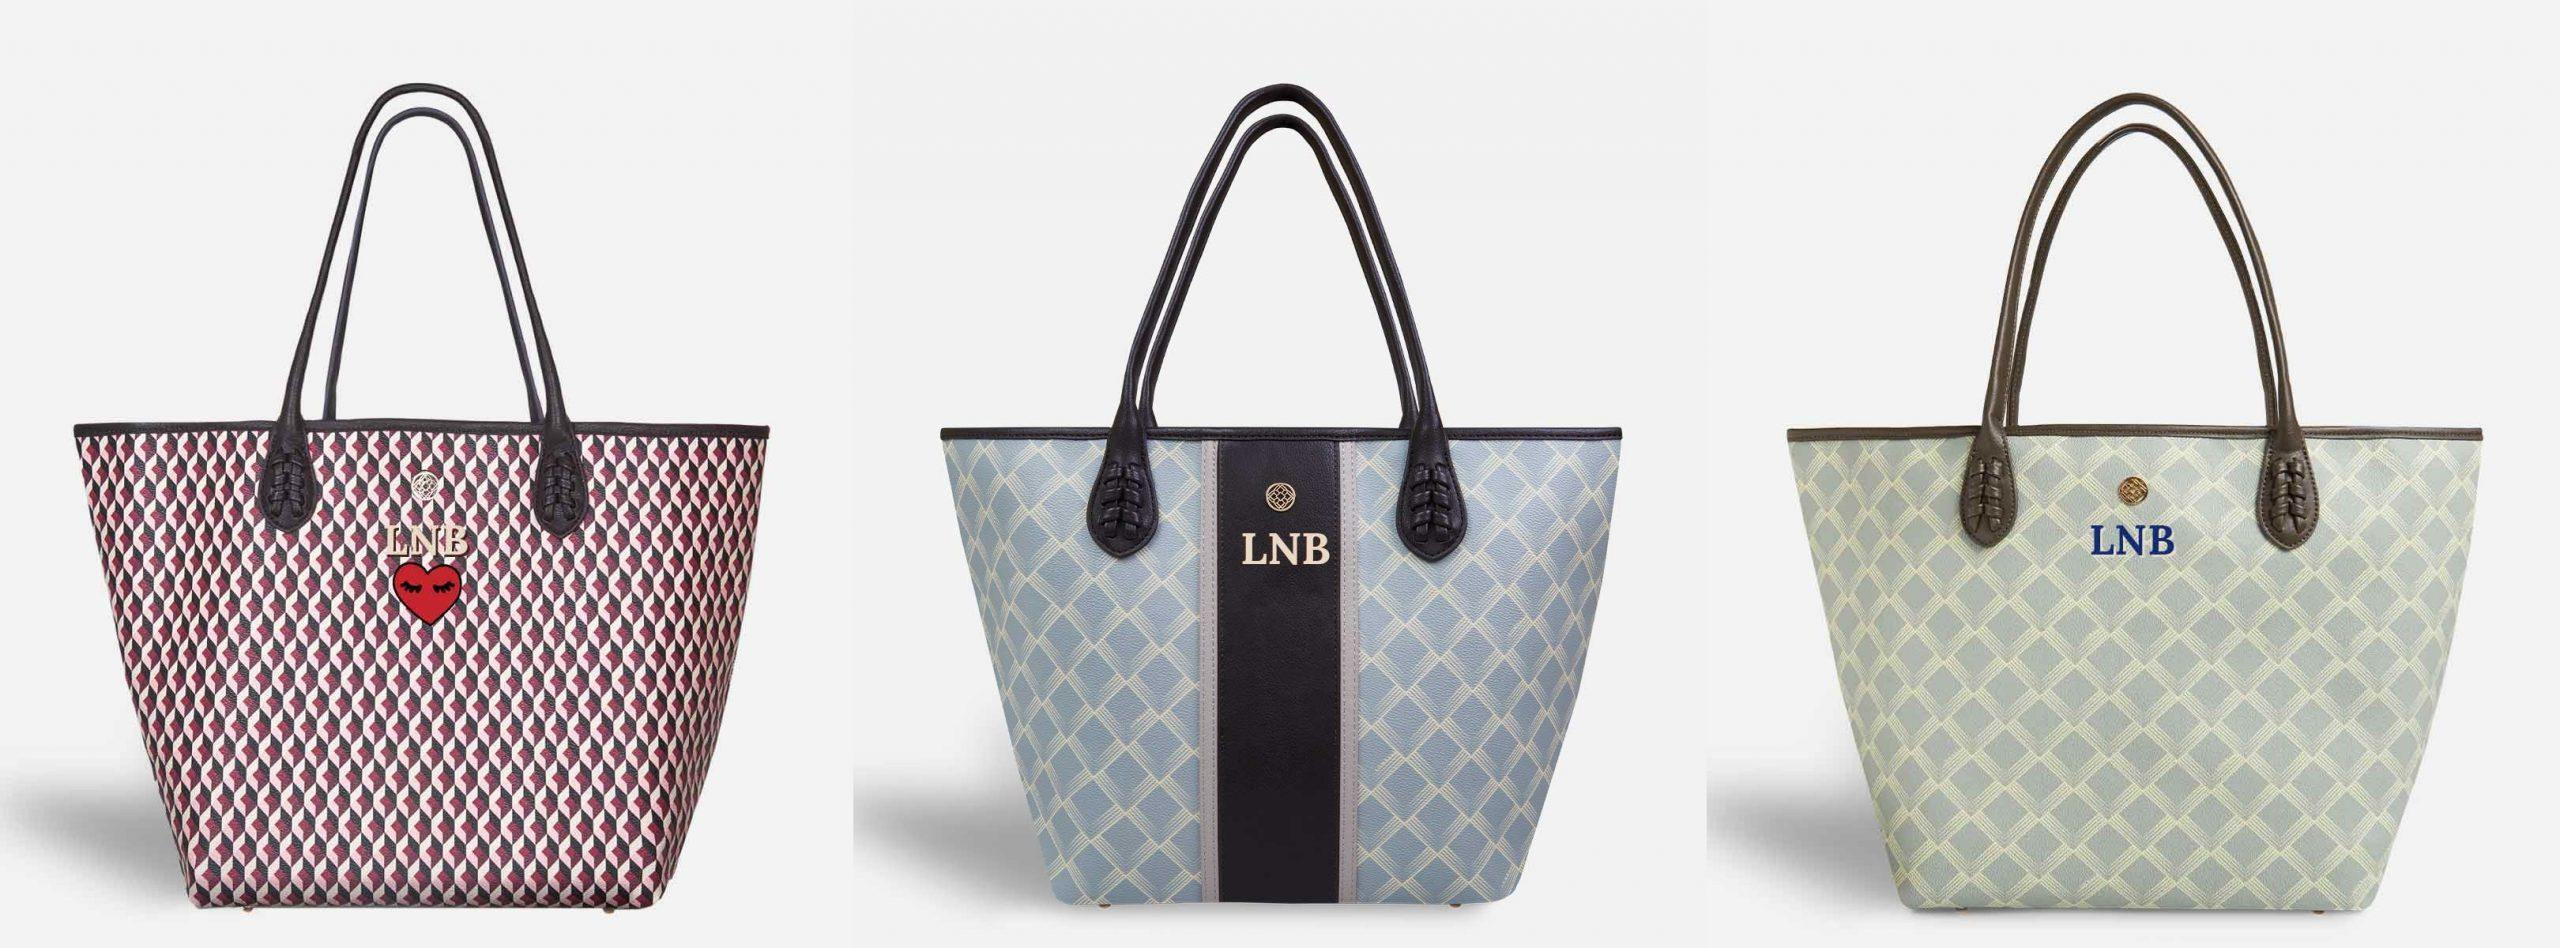 Lonbali, la firma de los bolsos y accesorios personalizables perfectos